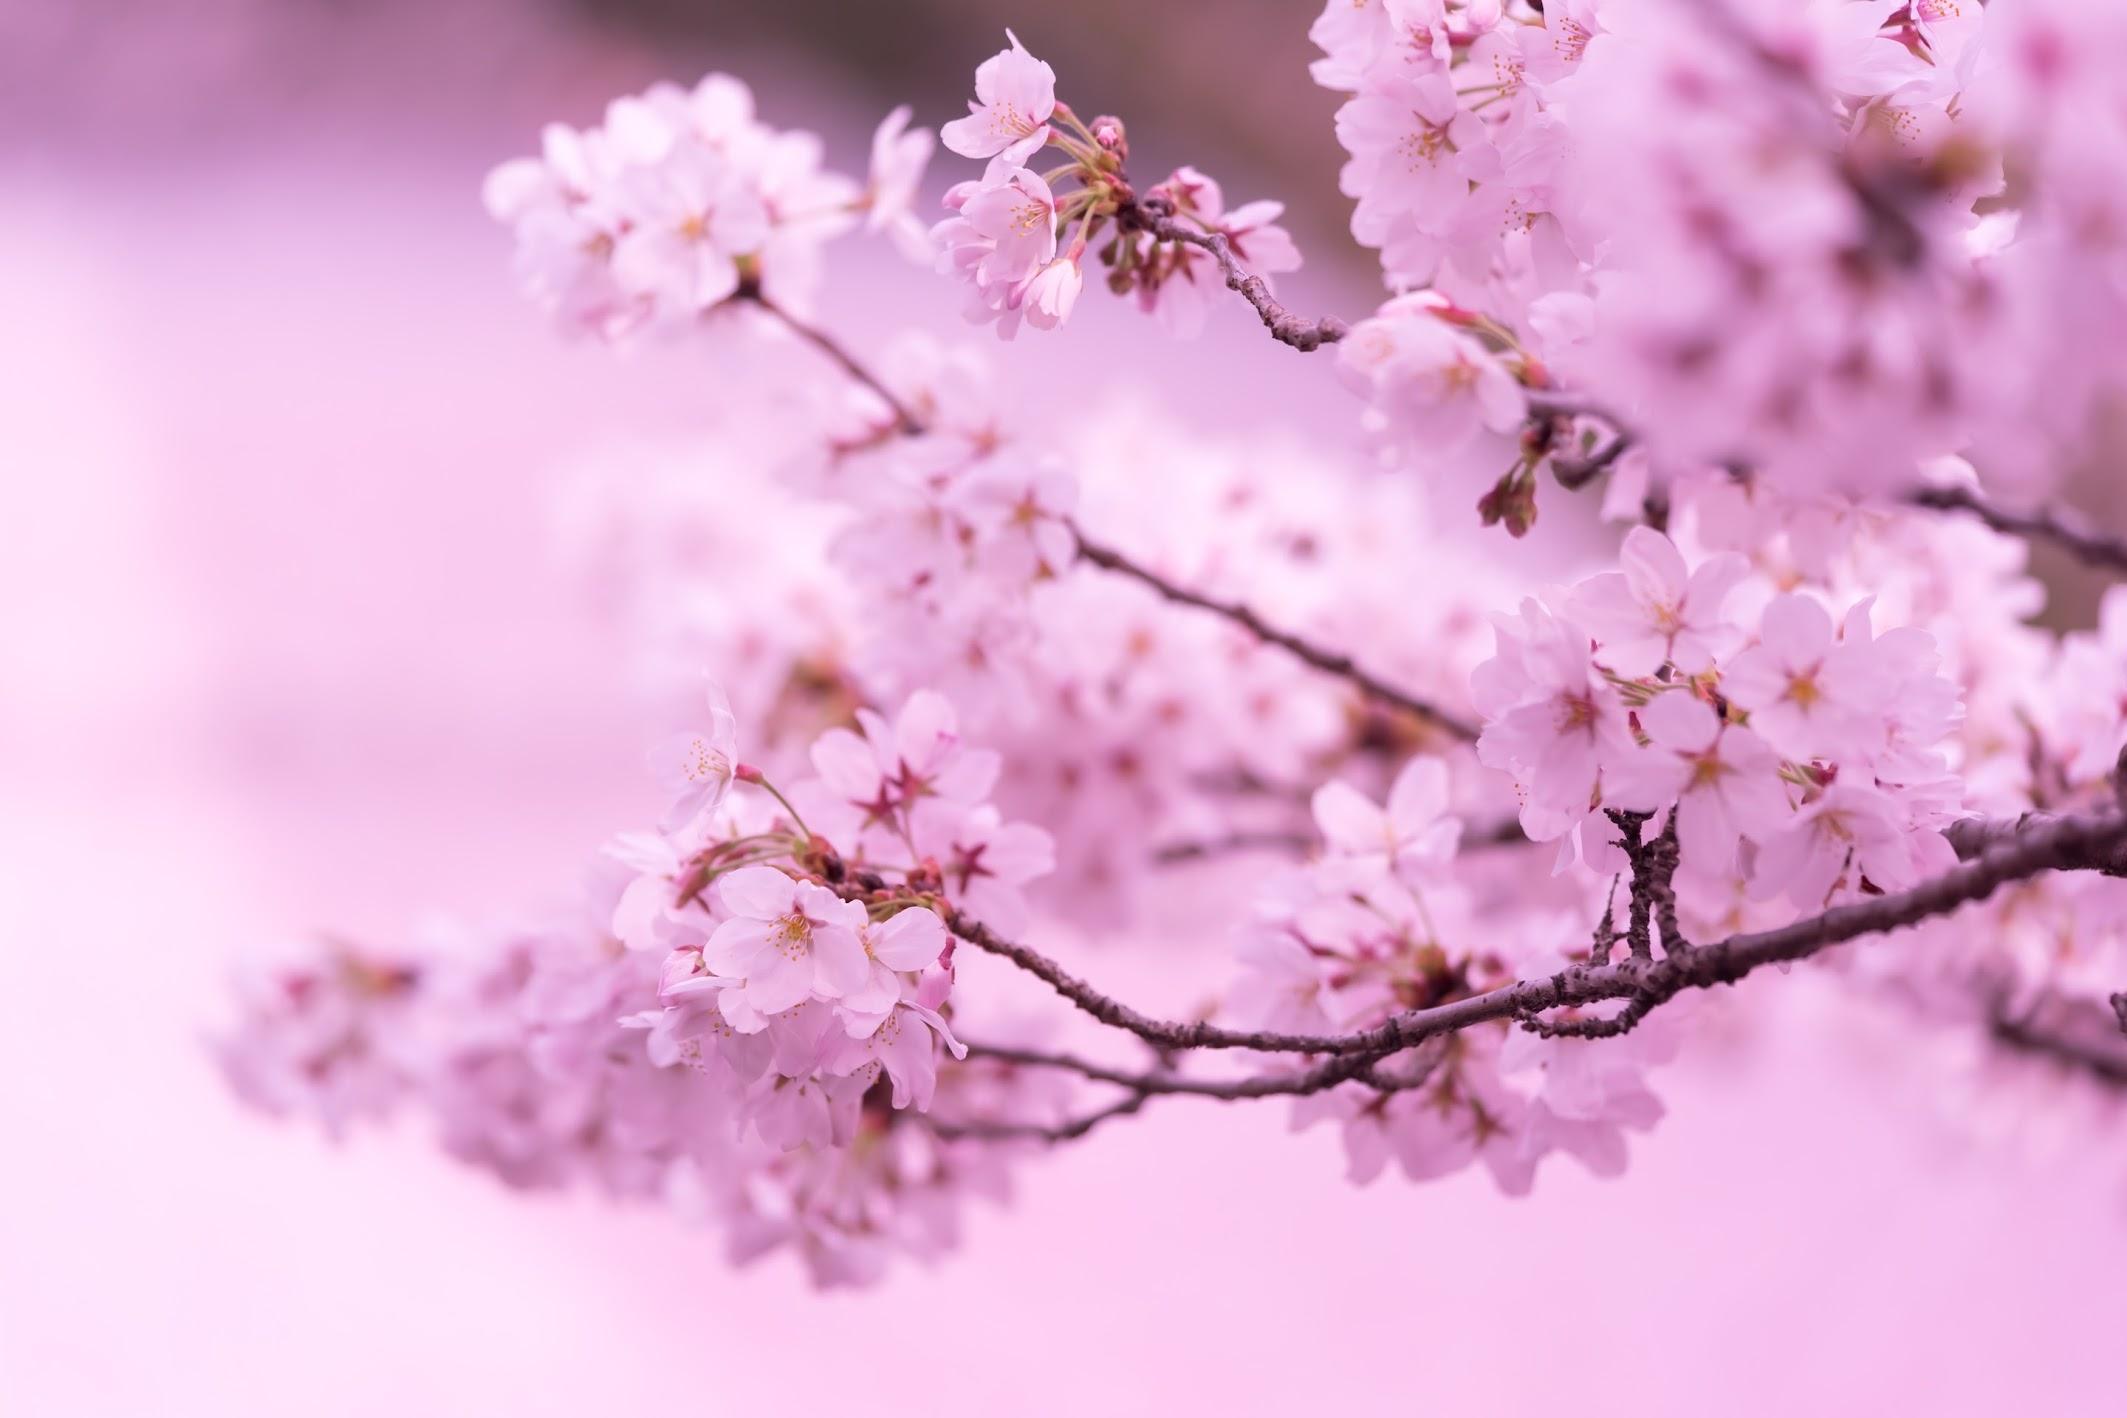 京都 哲学の道 桜の絨毯3